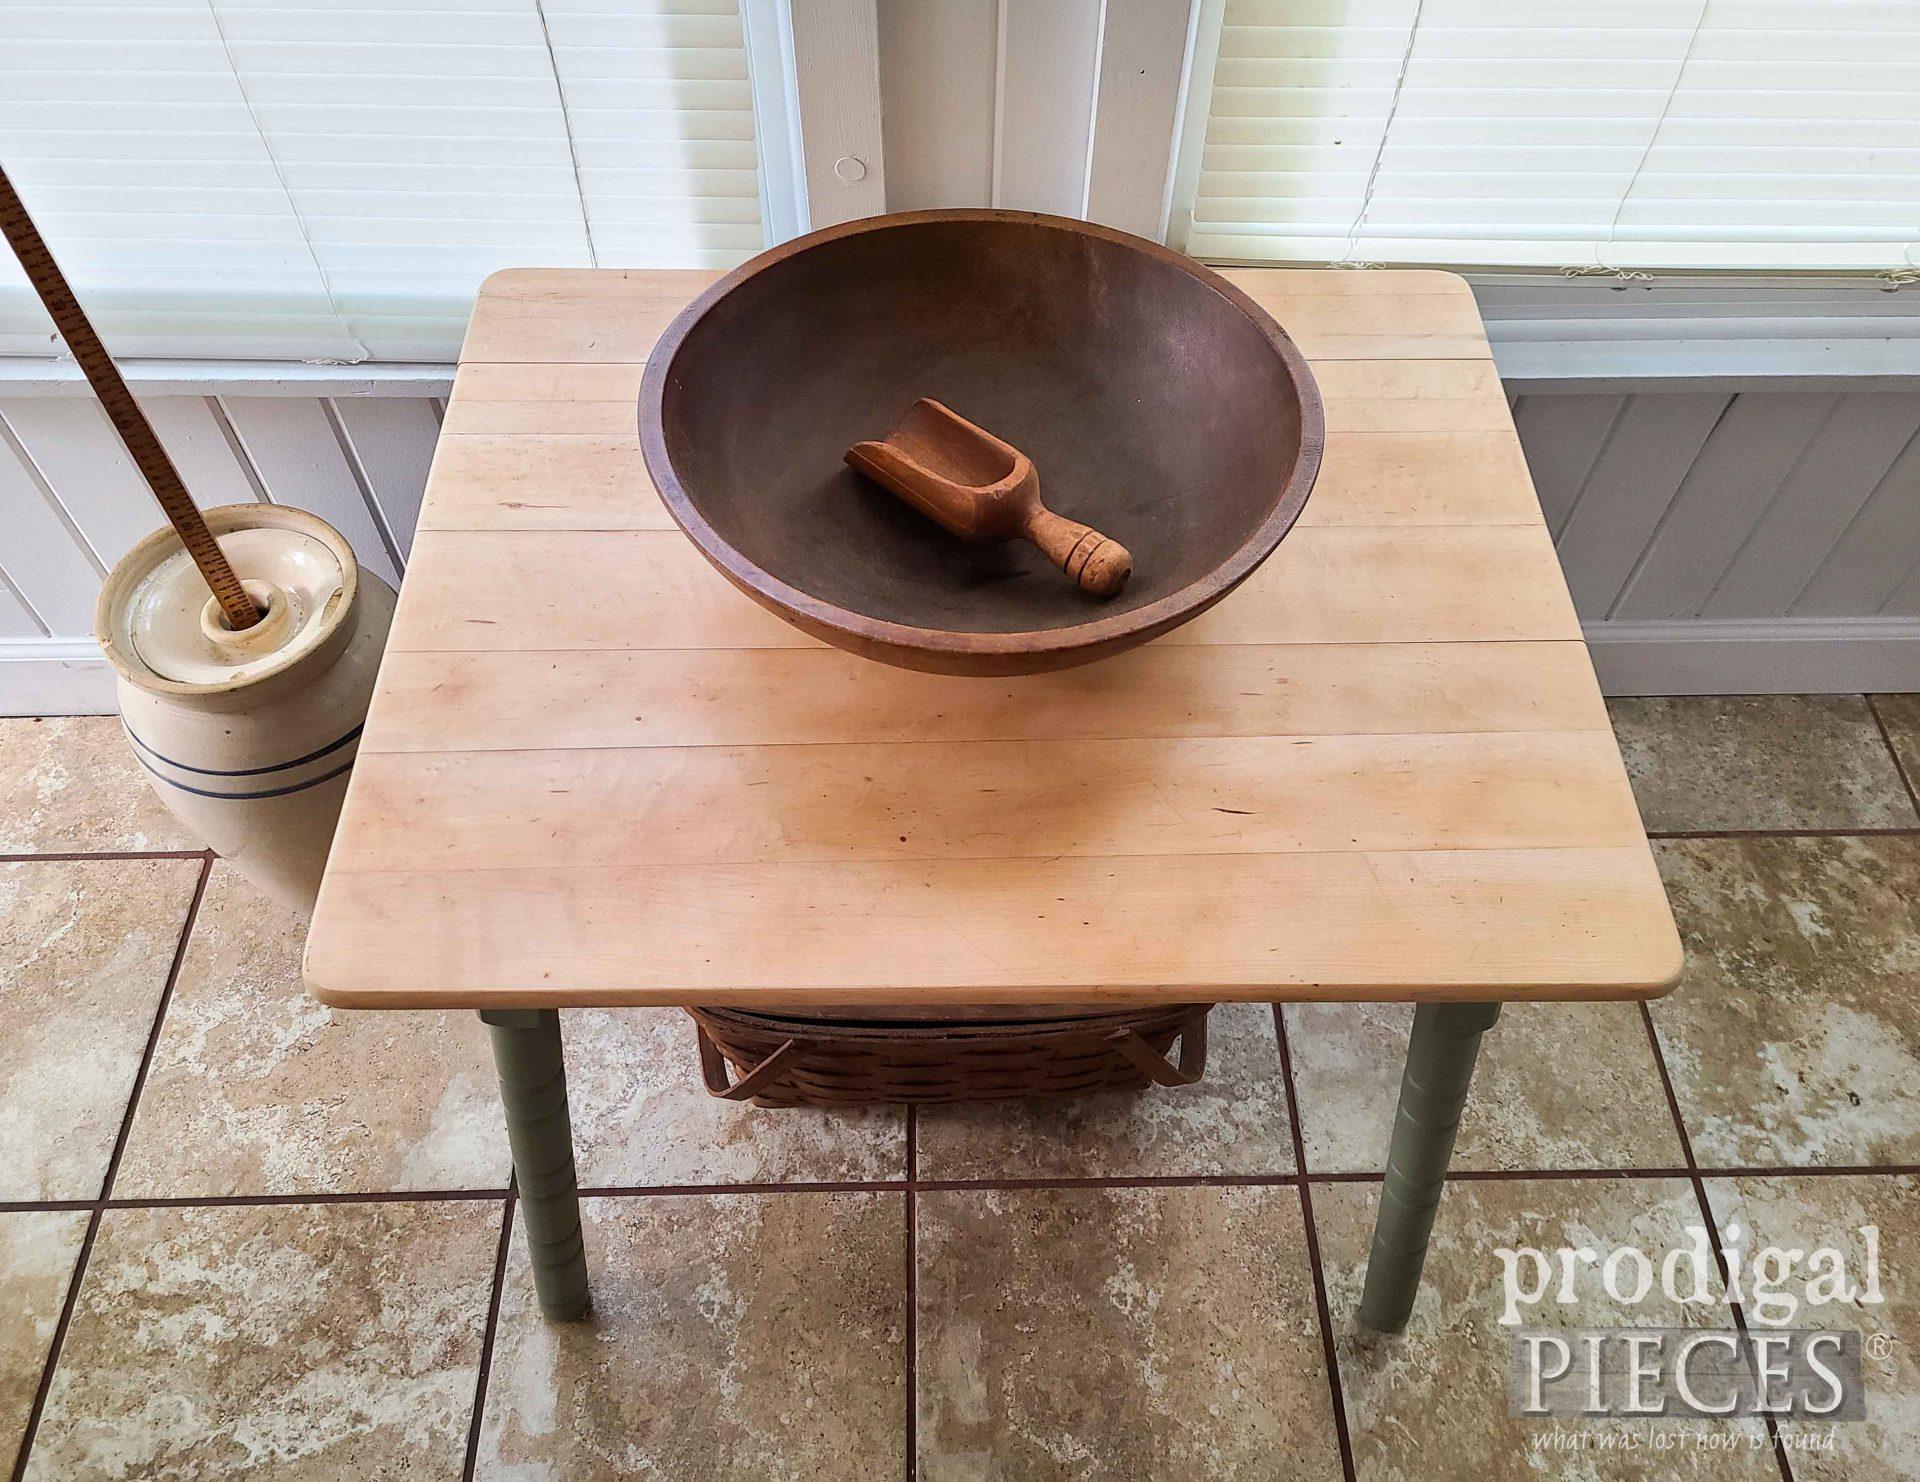 Burled Maple Mini Farmhouse Table Top by Prodigal Pieces   prodigalpieces.com #prodigalpieces #furniture #diy #maple